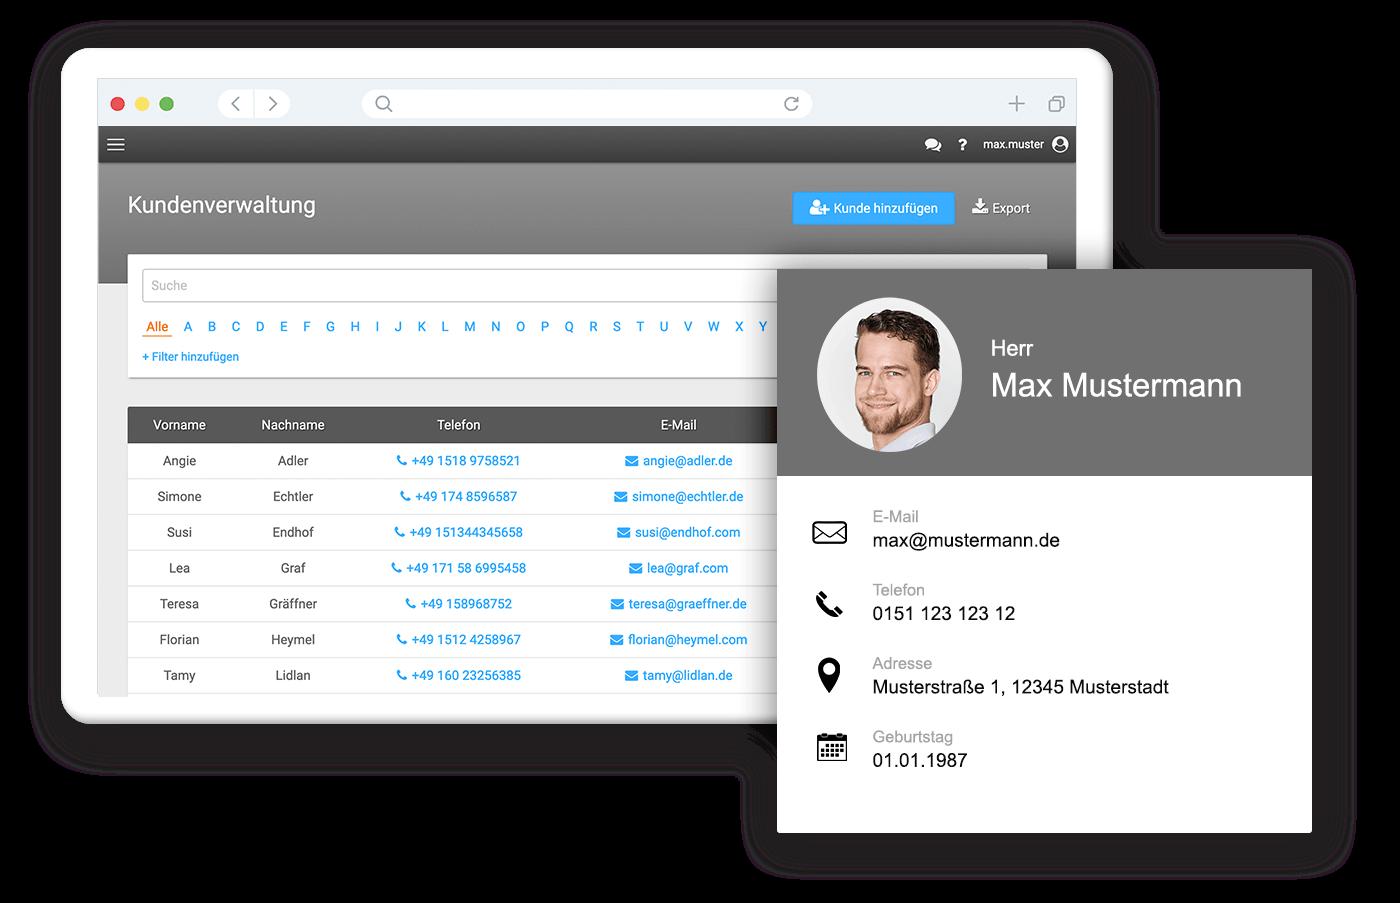 Einfache Kundenverwaltung mit unserer Software für Unternehmen